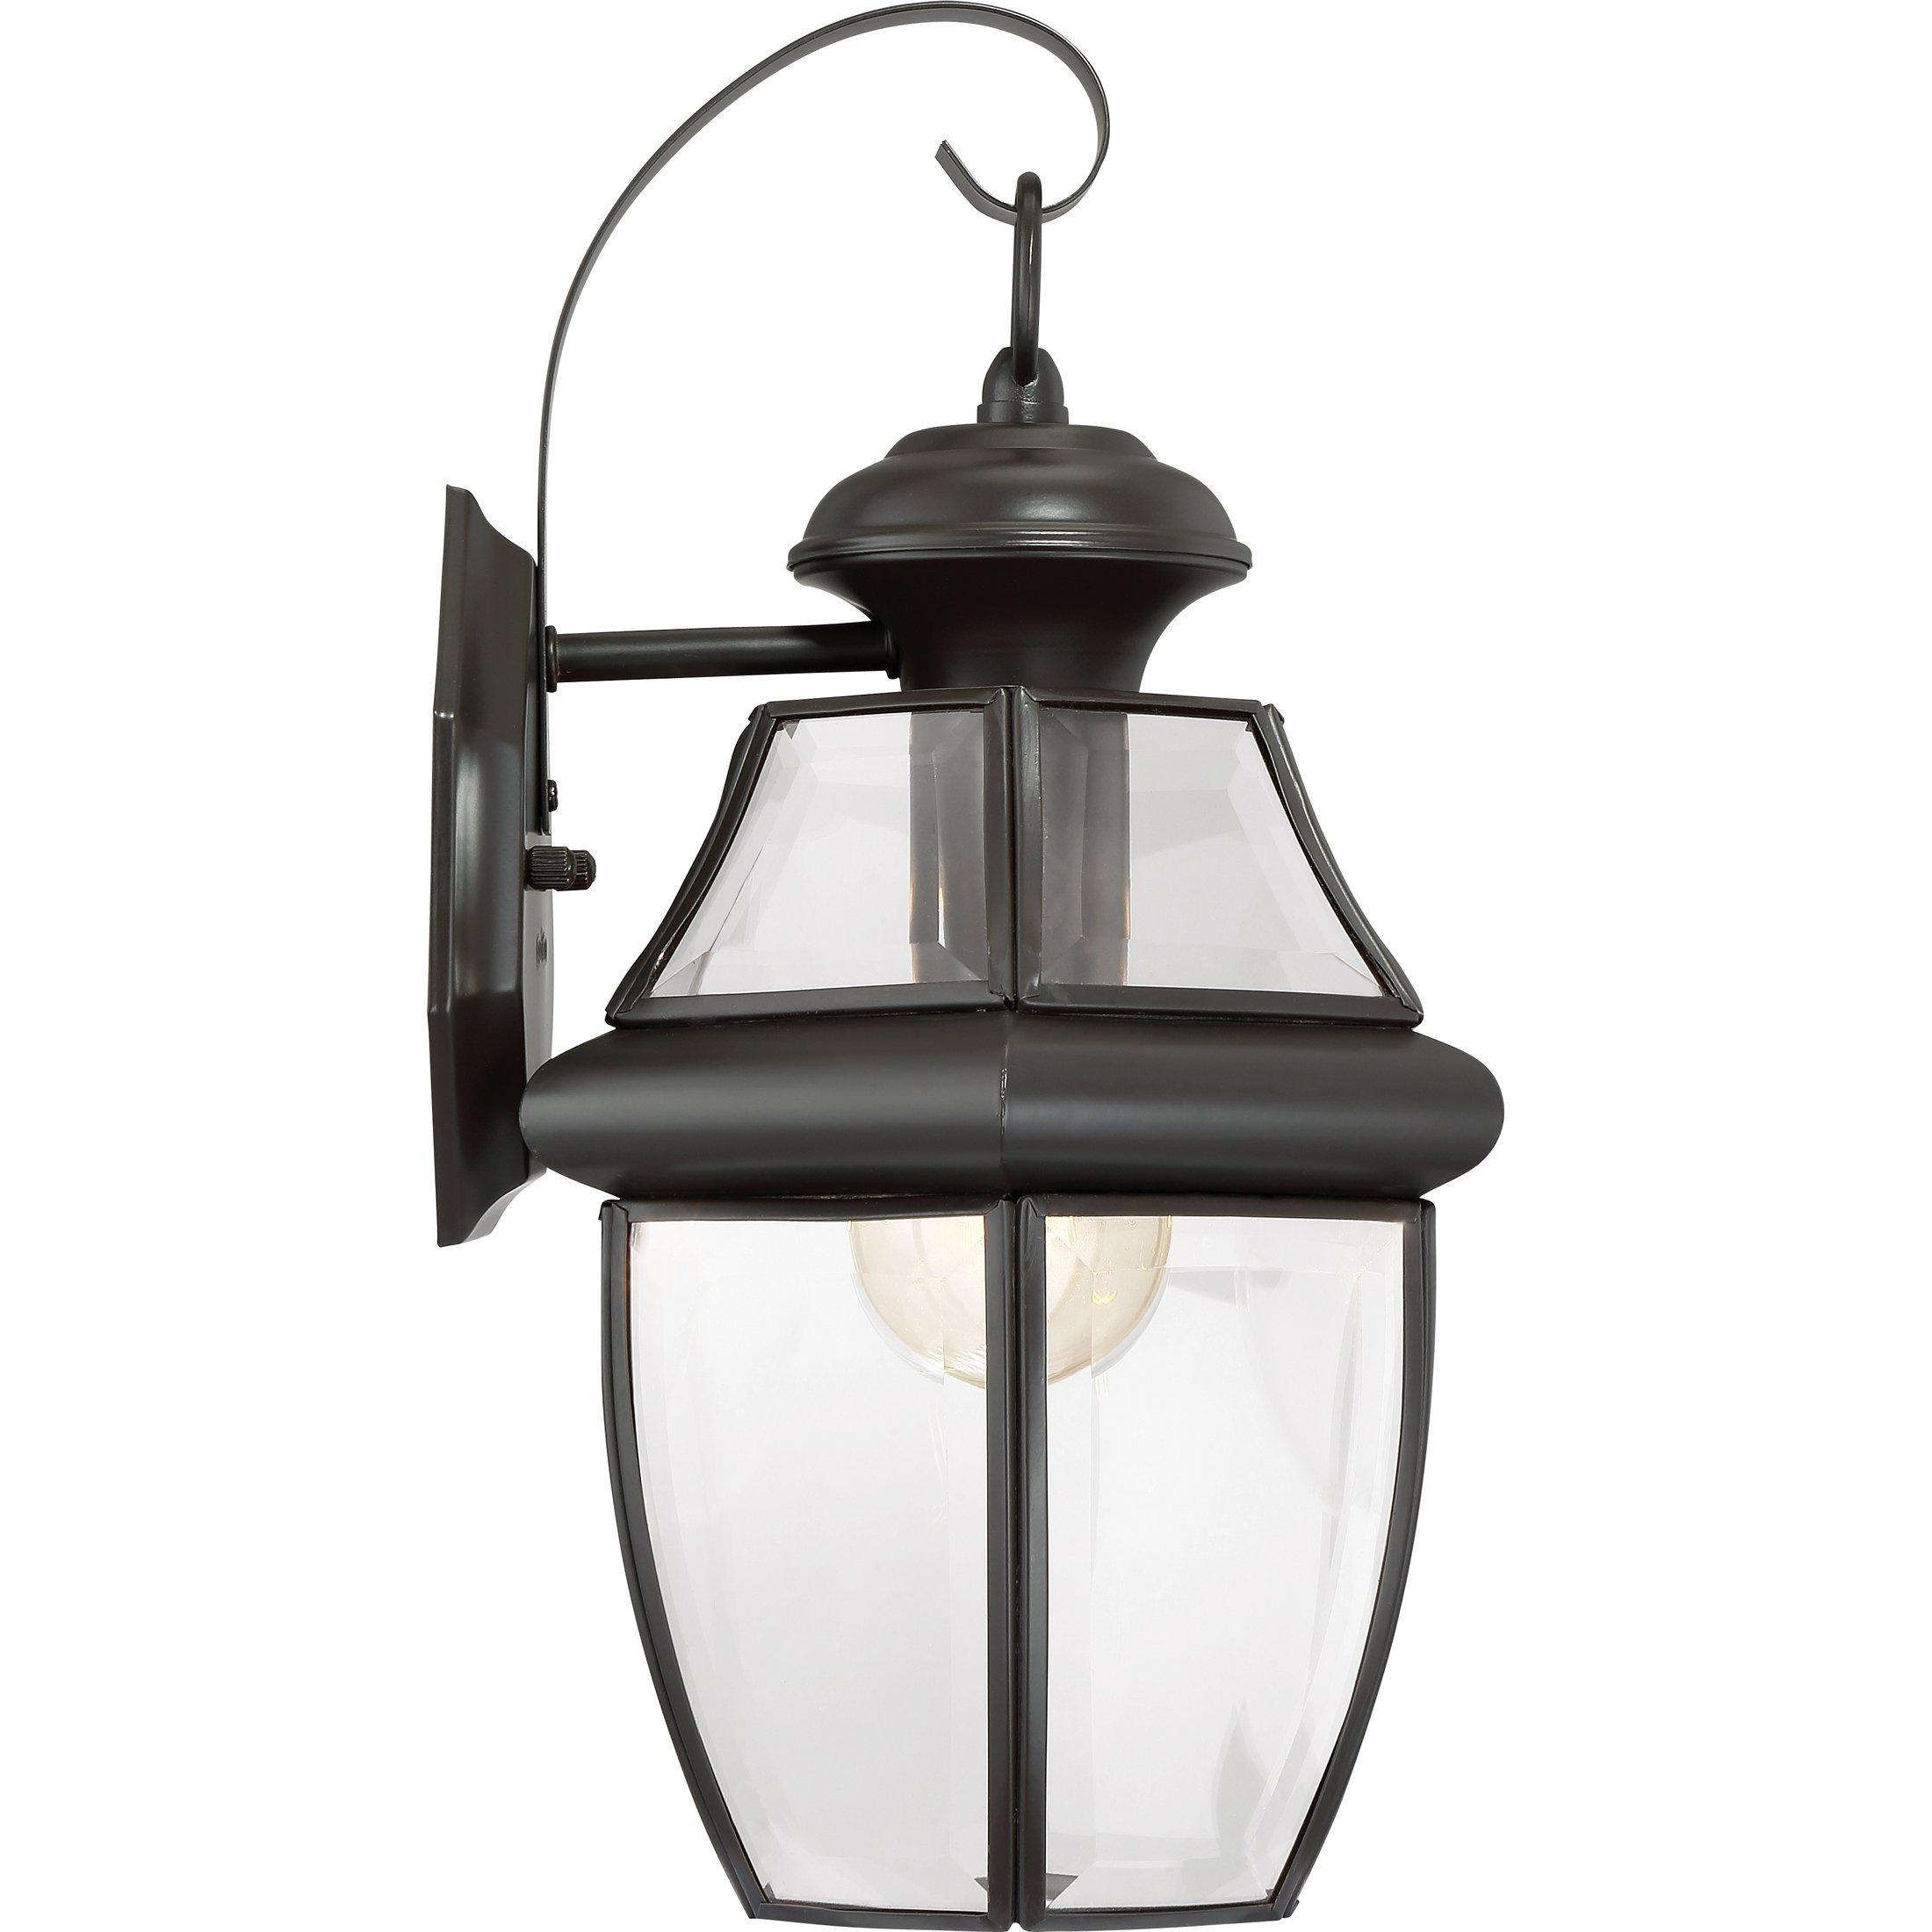 Torbrook Outdoor Wall Lantern Lighting for Garage Exterior, Brown, Clear Glass, Medium 1-Light 150 Watts, Dark Bronze by Torbrook